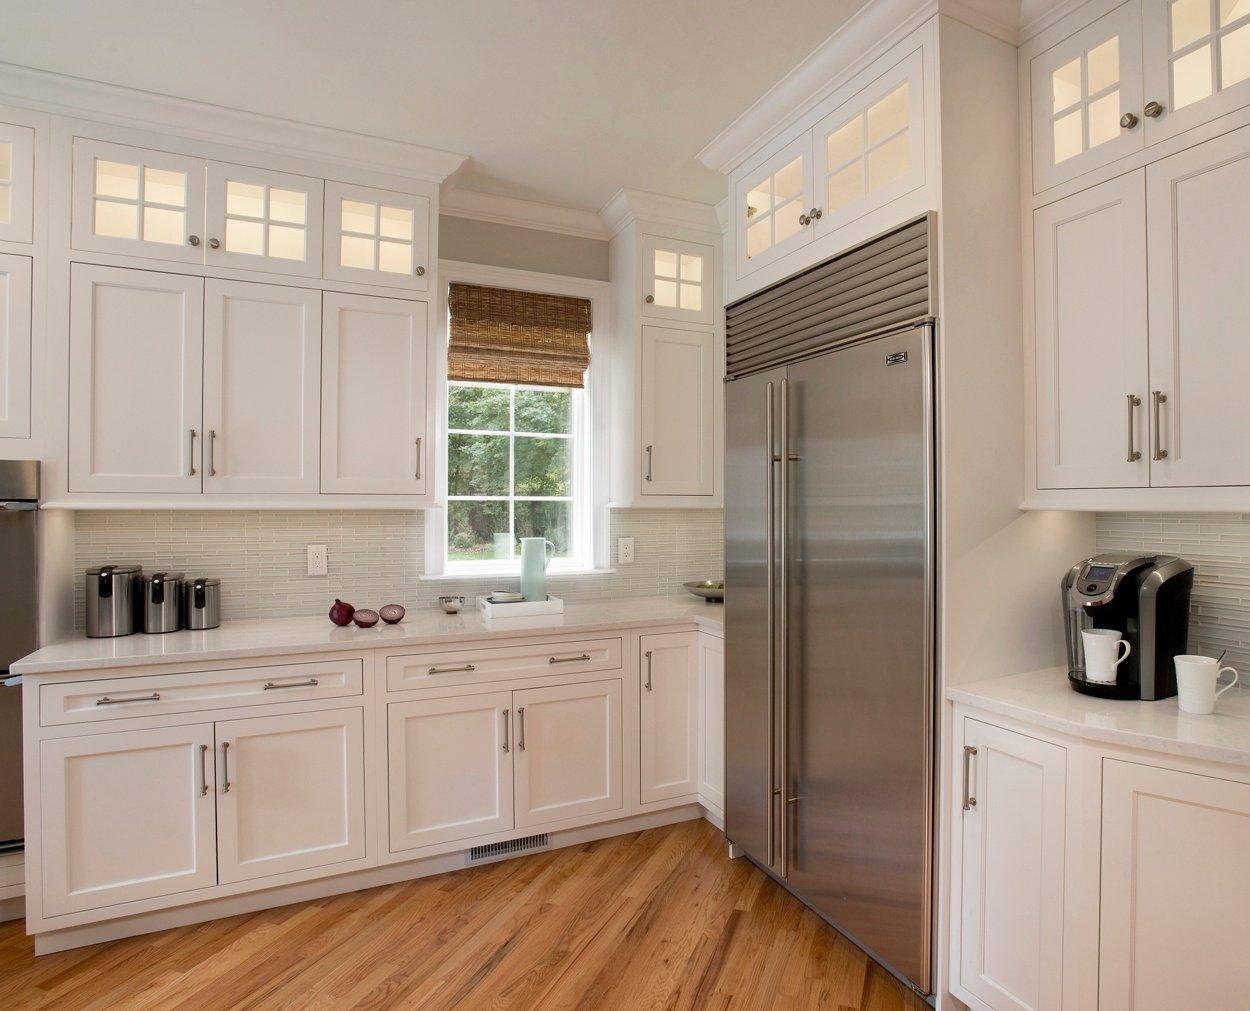 The corner of a classic white kitchen with Subzero refrigerator